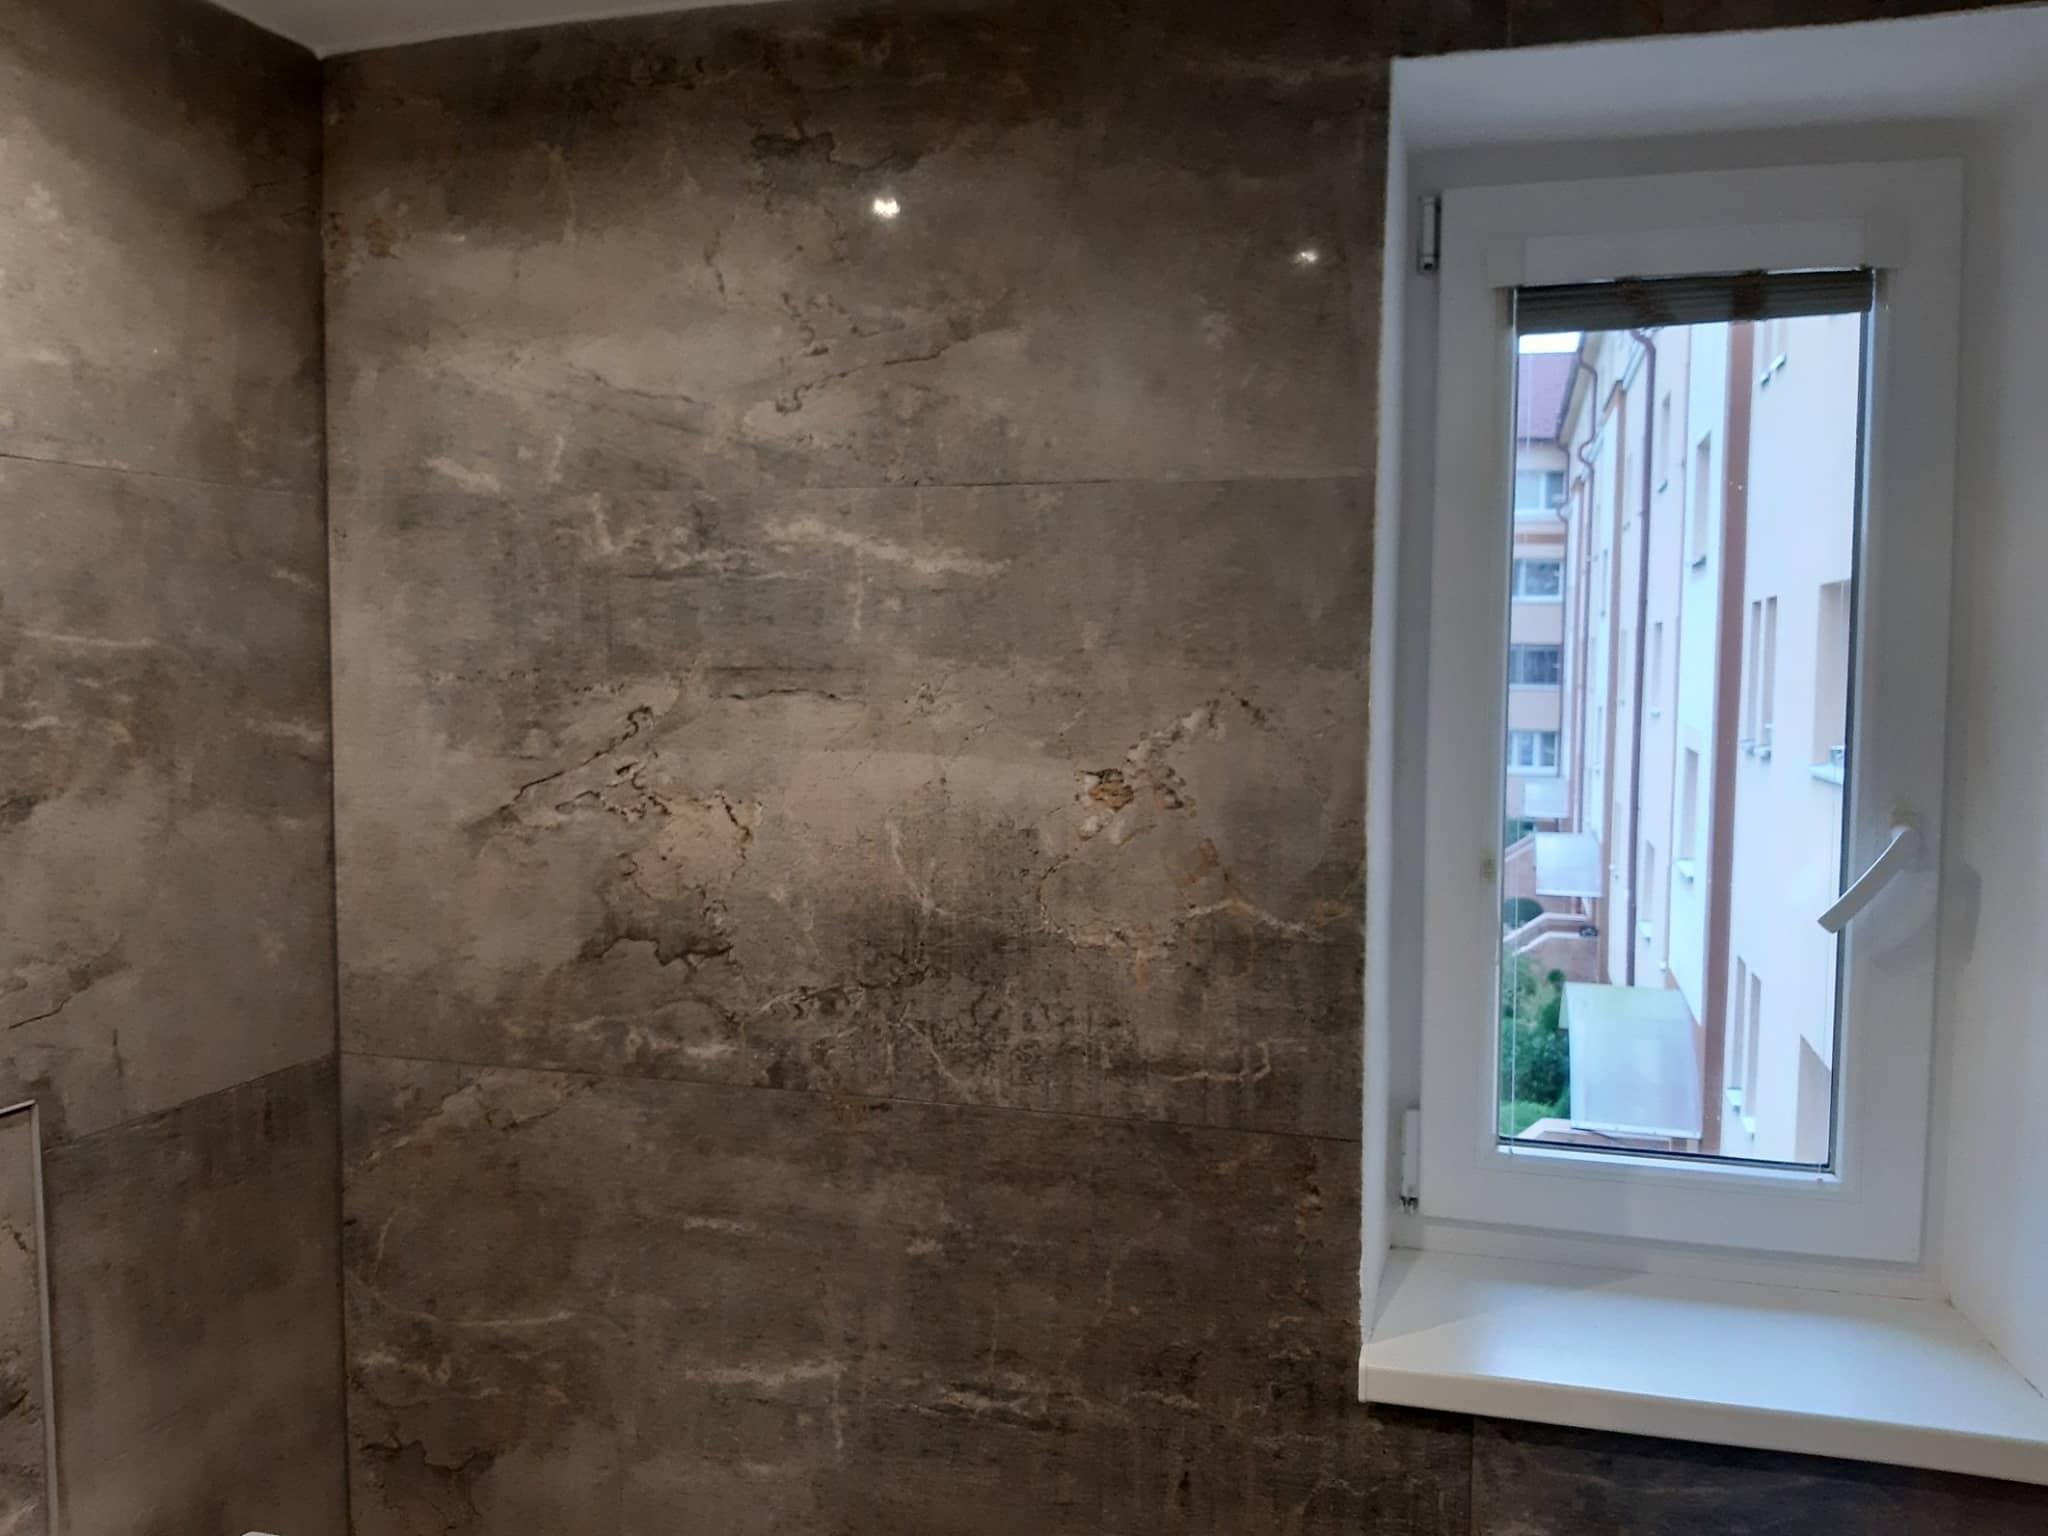 Reformas integrales viviendas Barcelona reforma baño azulejos